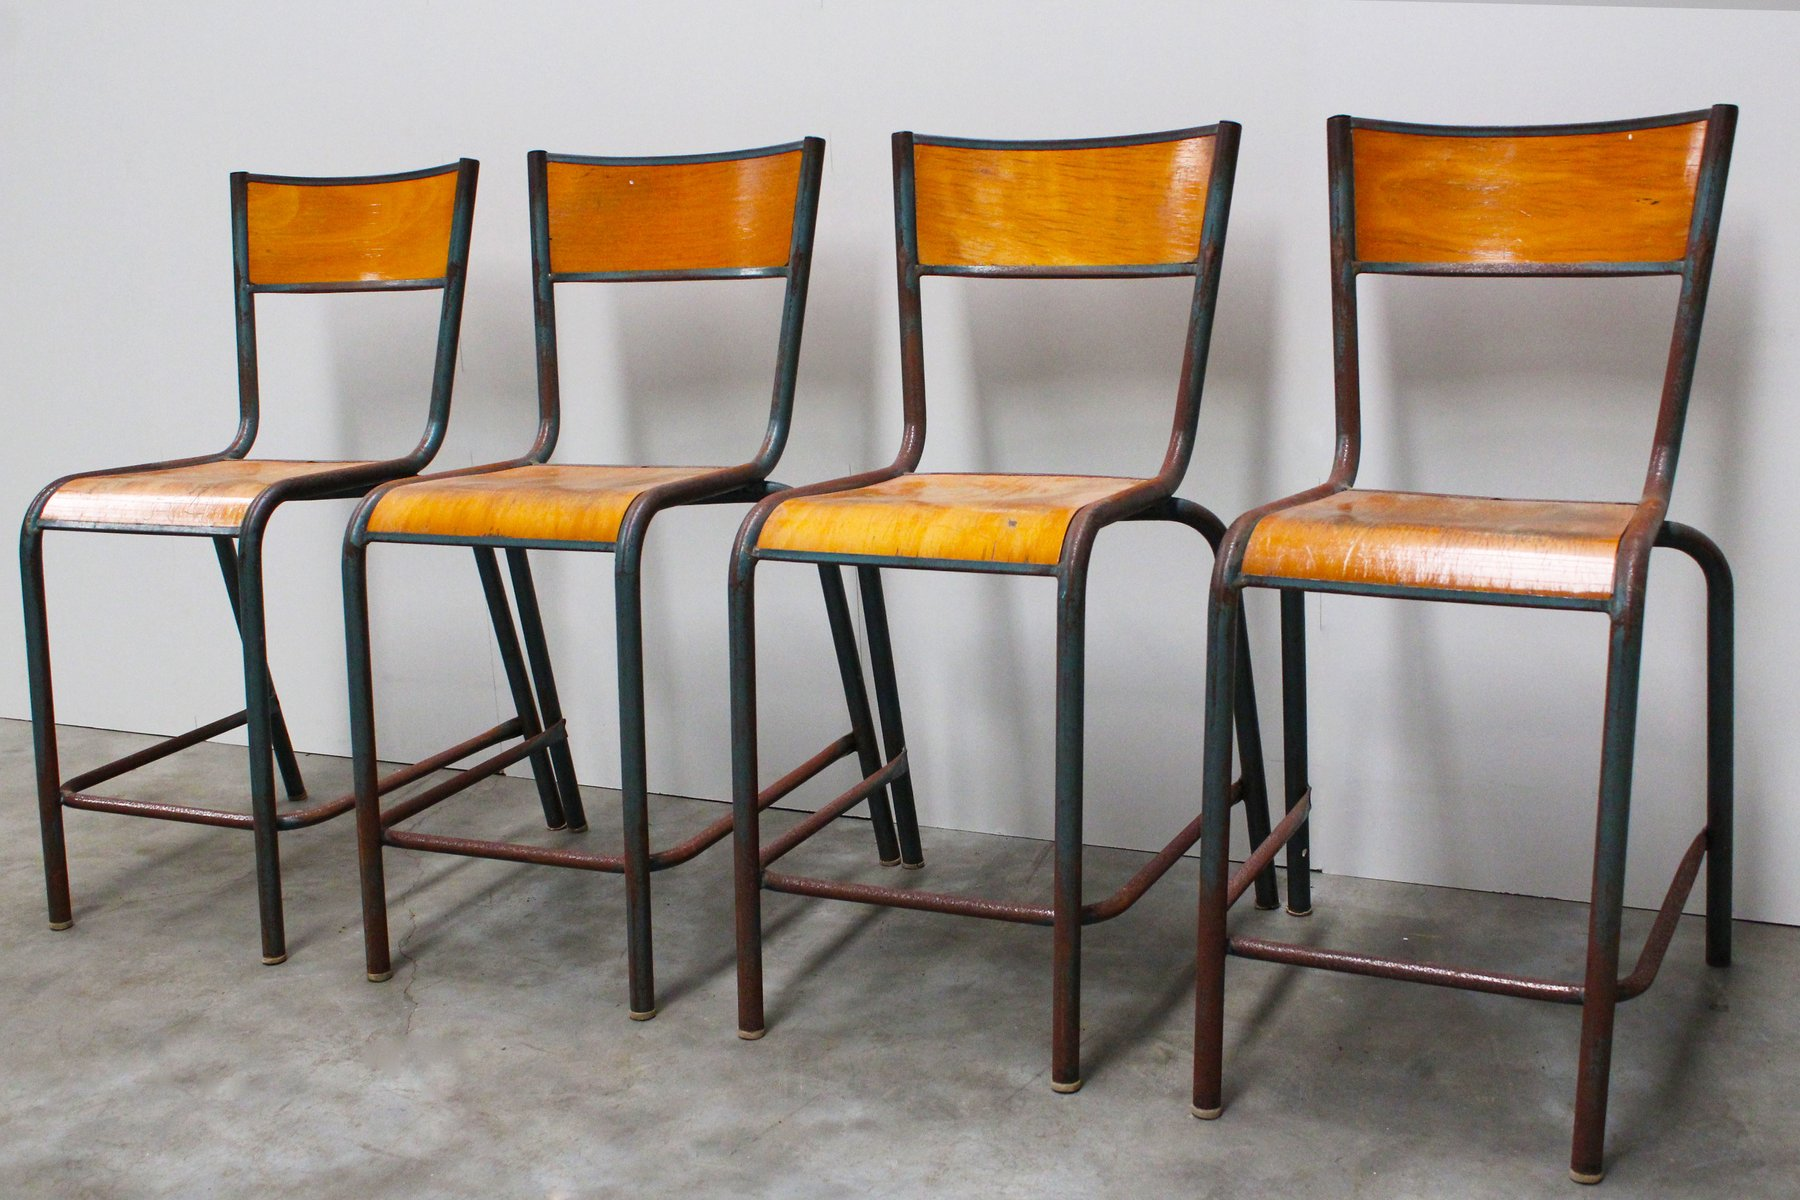 Sedie da scuola industriali vintage di mullca francia for Sedie costo